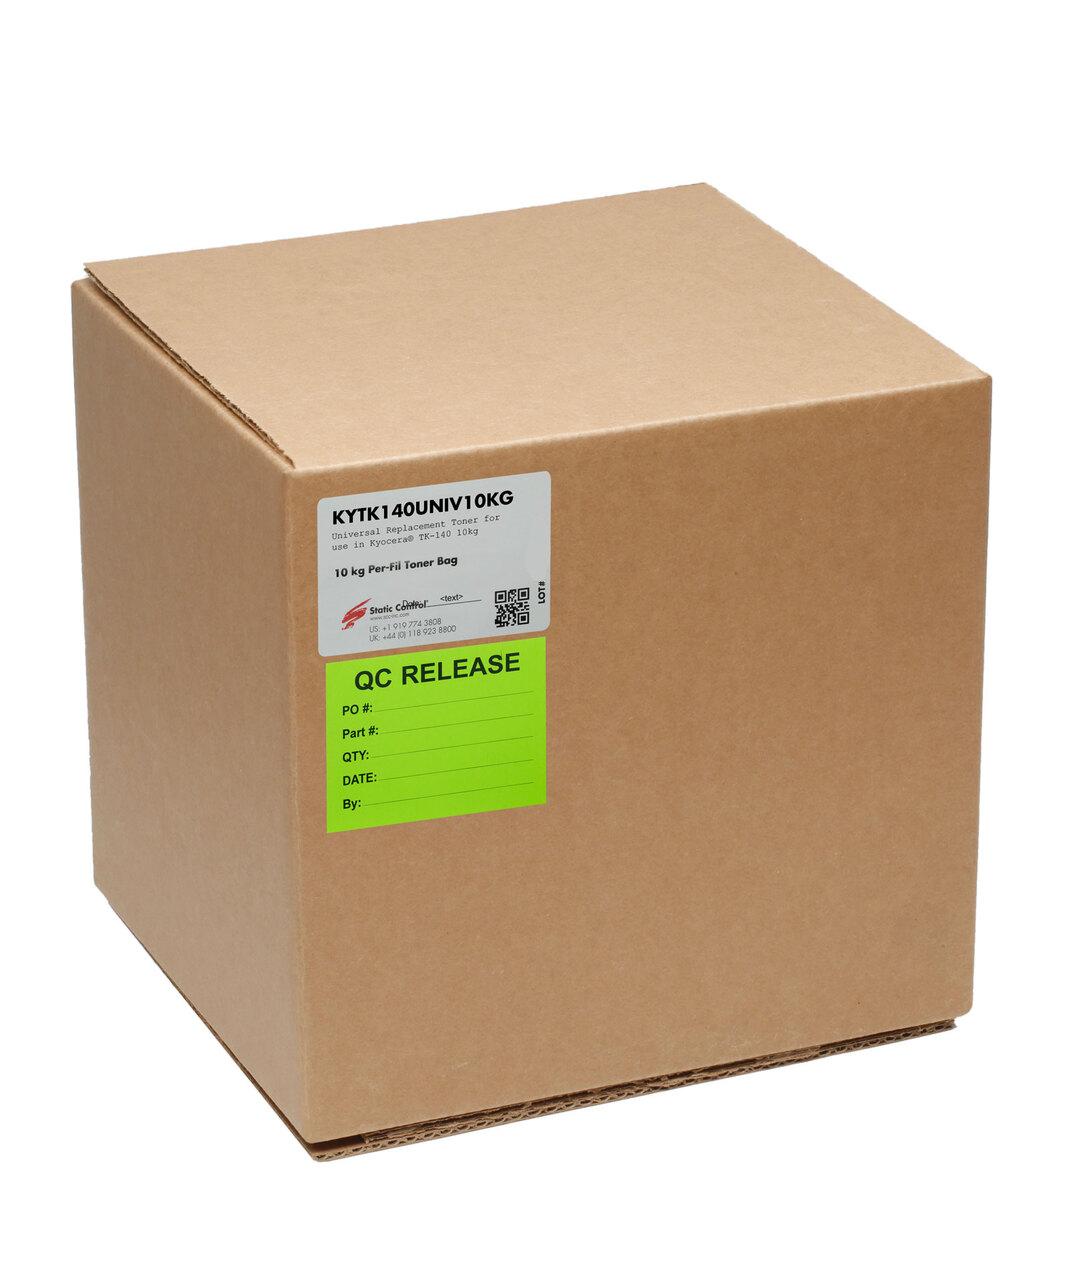 Тонер Static Control для Kyocera FS-1030/1100/1120/1300(TK-140), 10 кг, коробка KYTK140UNIV10KG